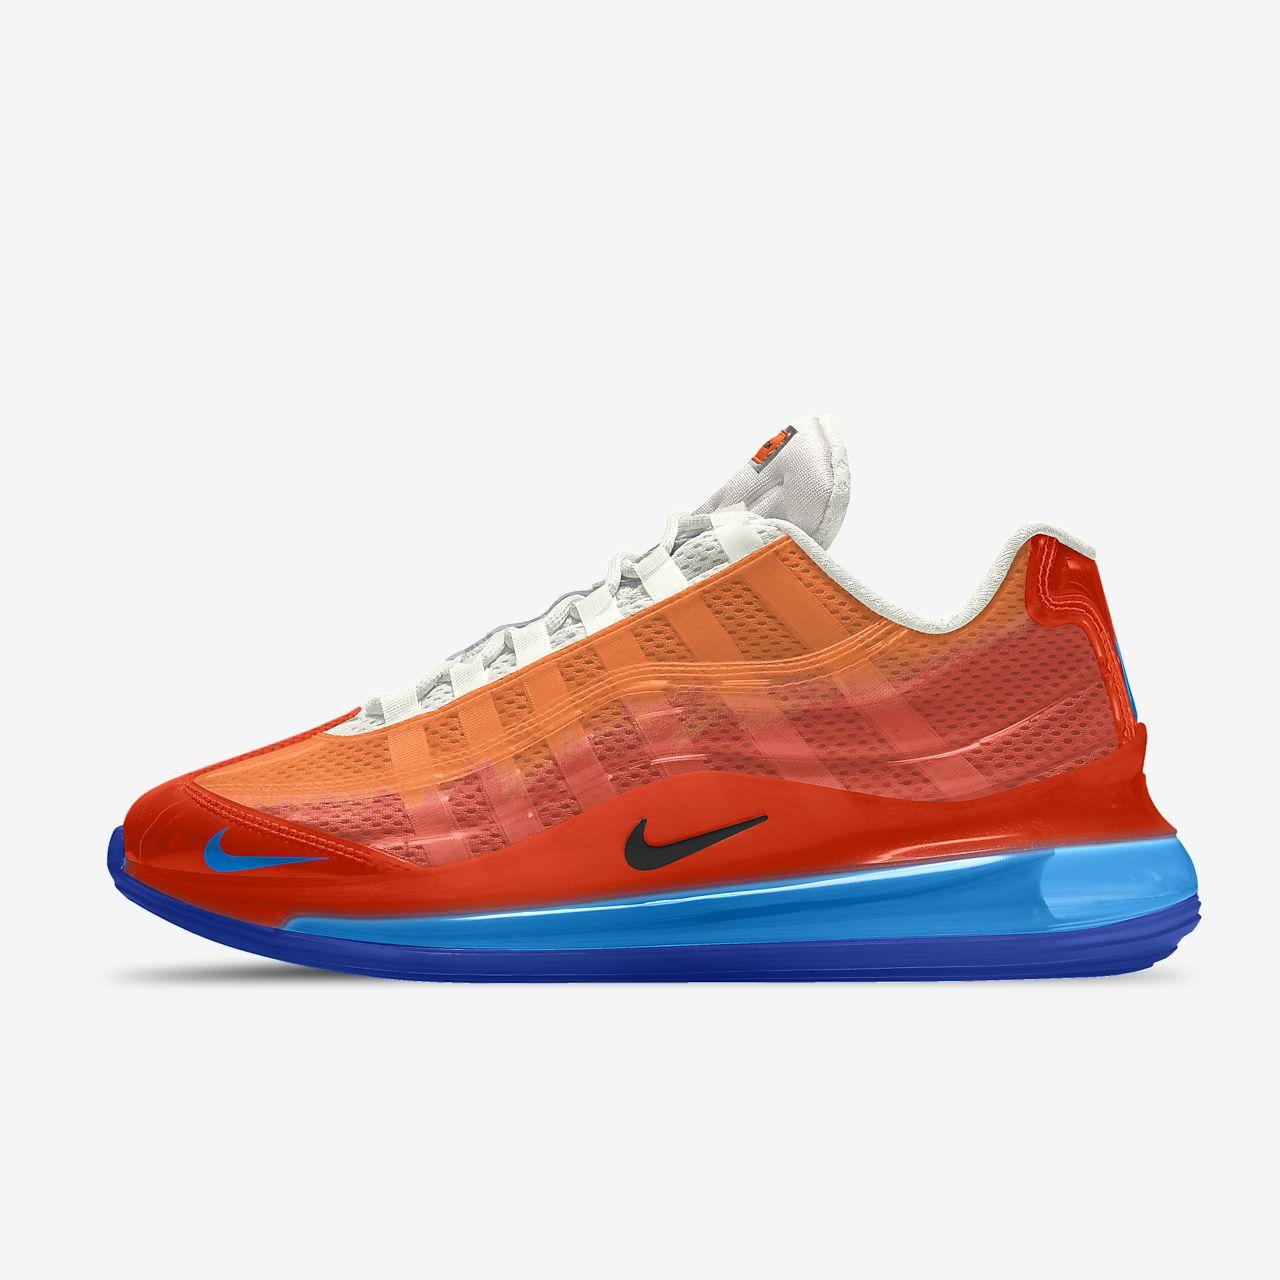 Nike prezentuje wiosenną odsłonę butów Air Max 1 i Air Max 97